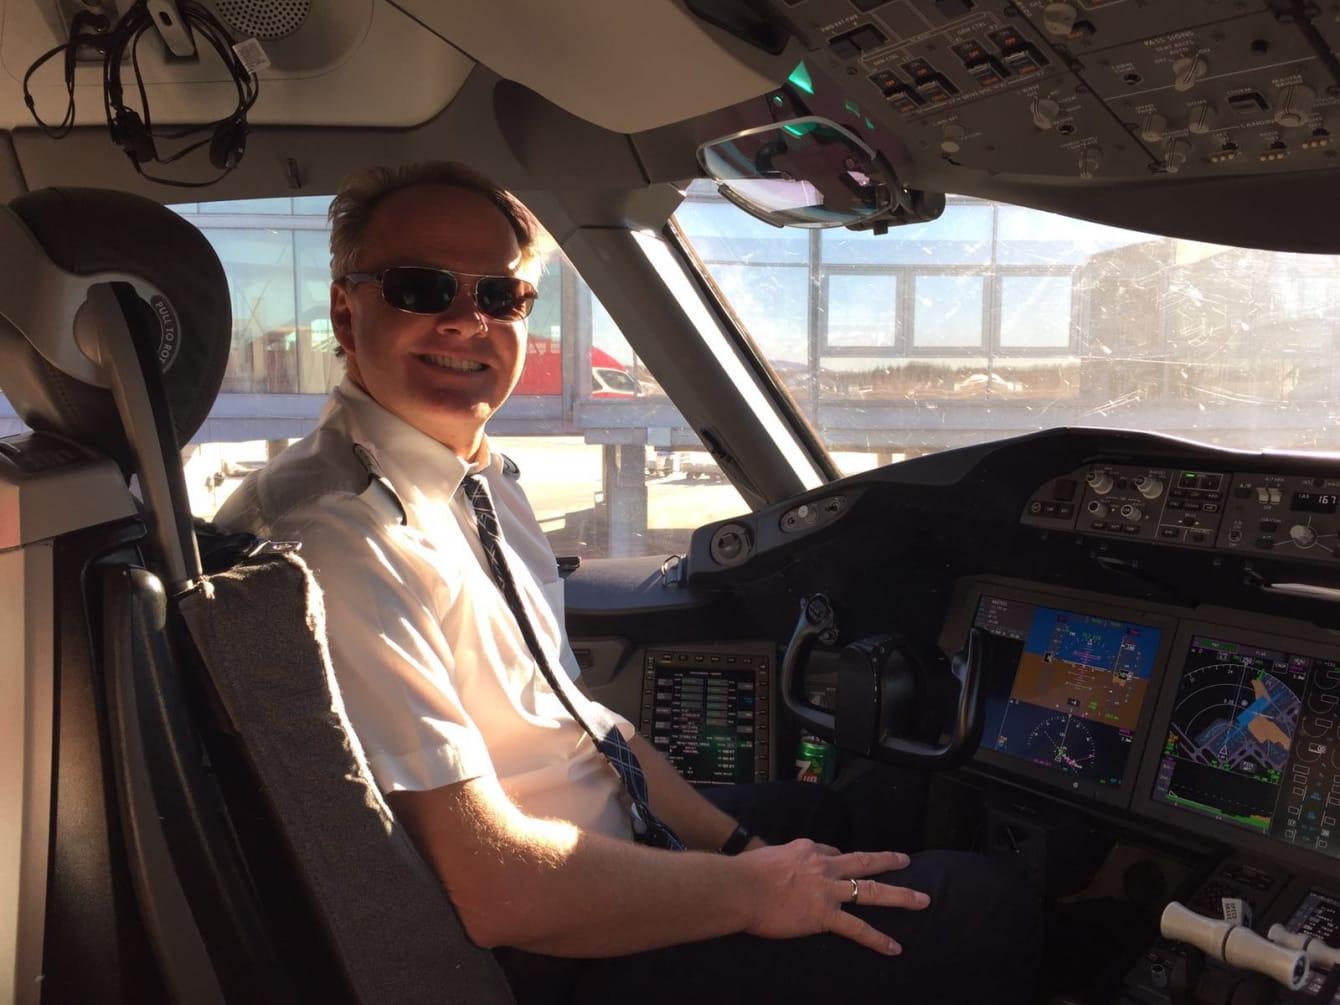 Schnellster Transatlantikflug Norwegian bricht Rekord